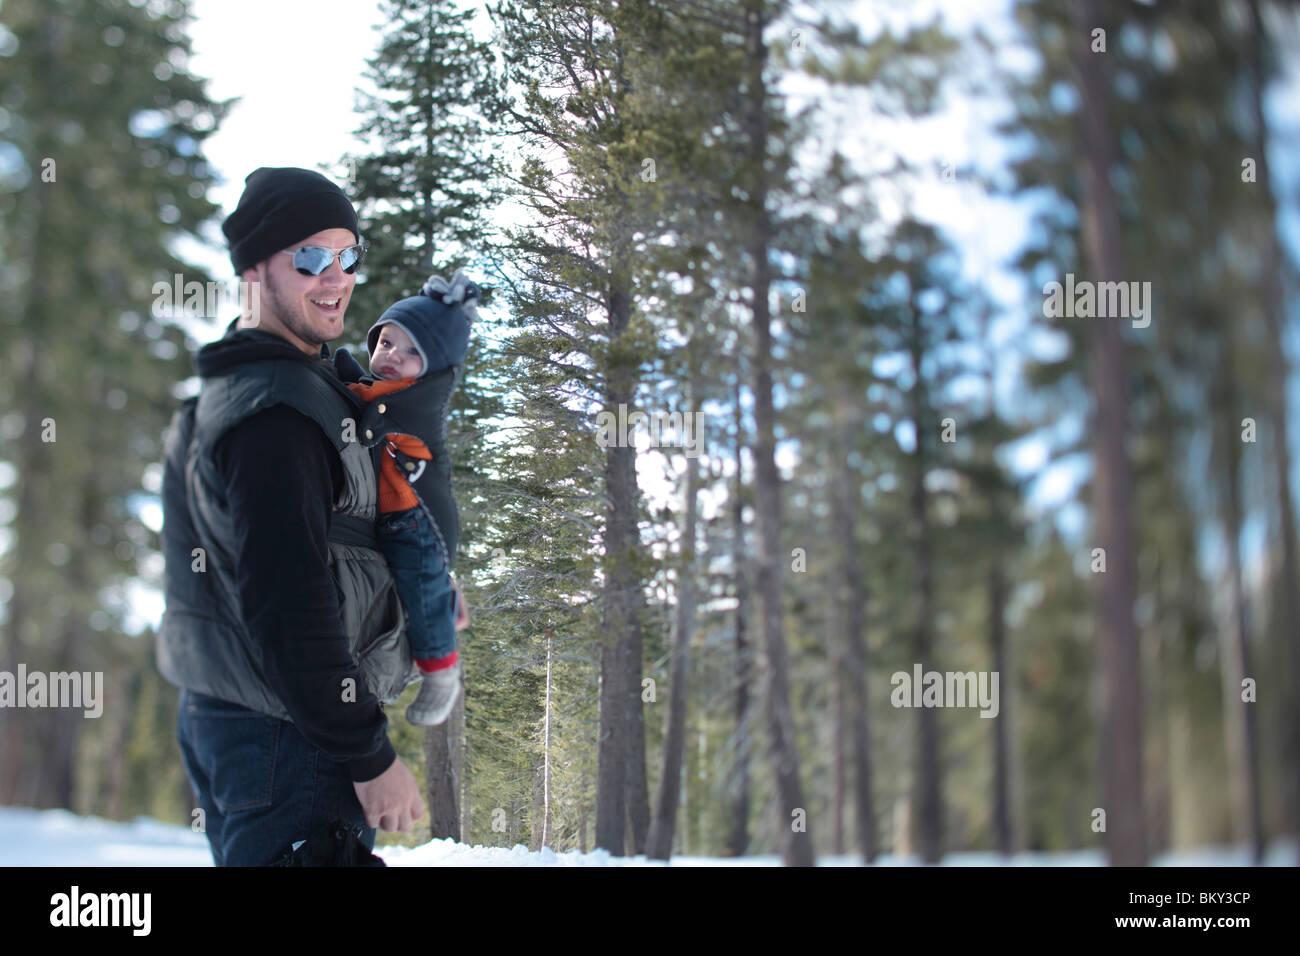 Un père, âgé de 35 ans, marche avec son fils, l'âge de 4 mois, dans le désert couvert Photo Stock